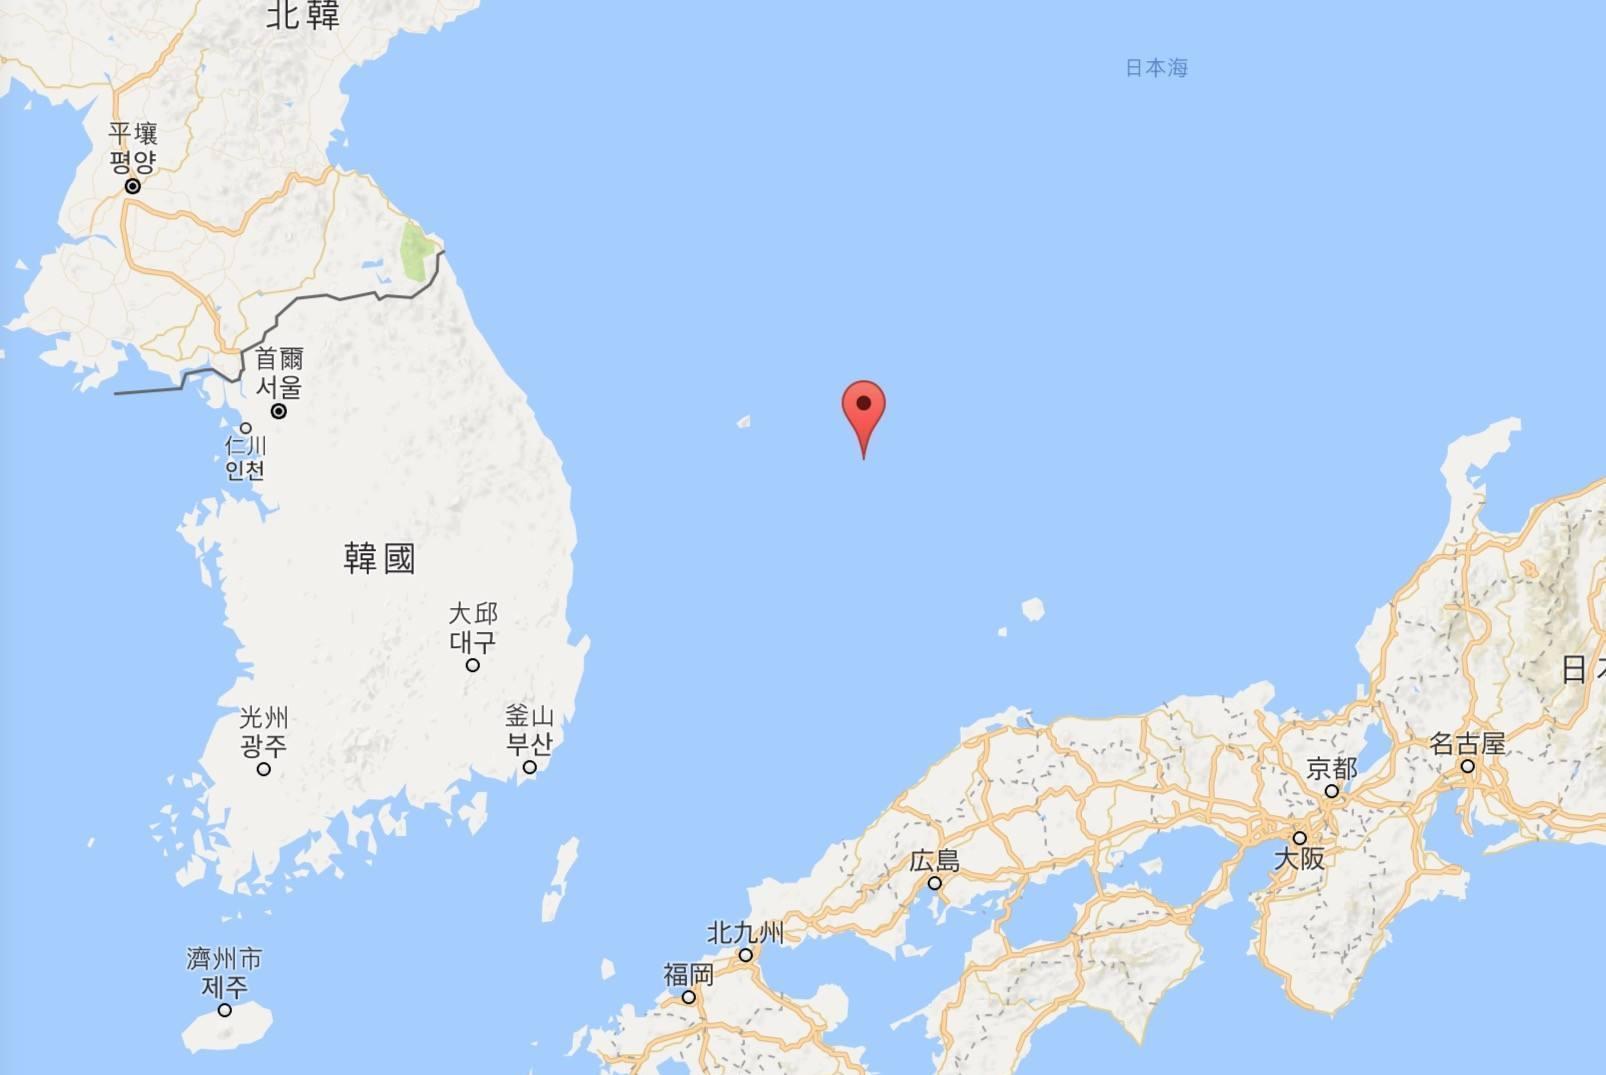 日本和韩国都宣称拥有独岛的主权,独岛到底是谁的